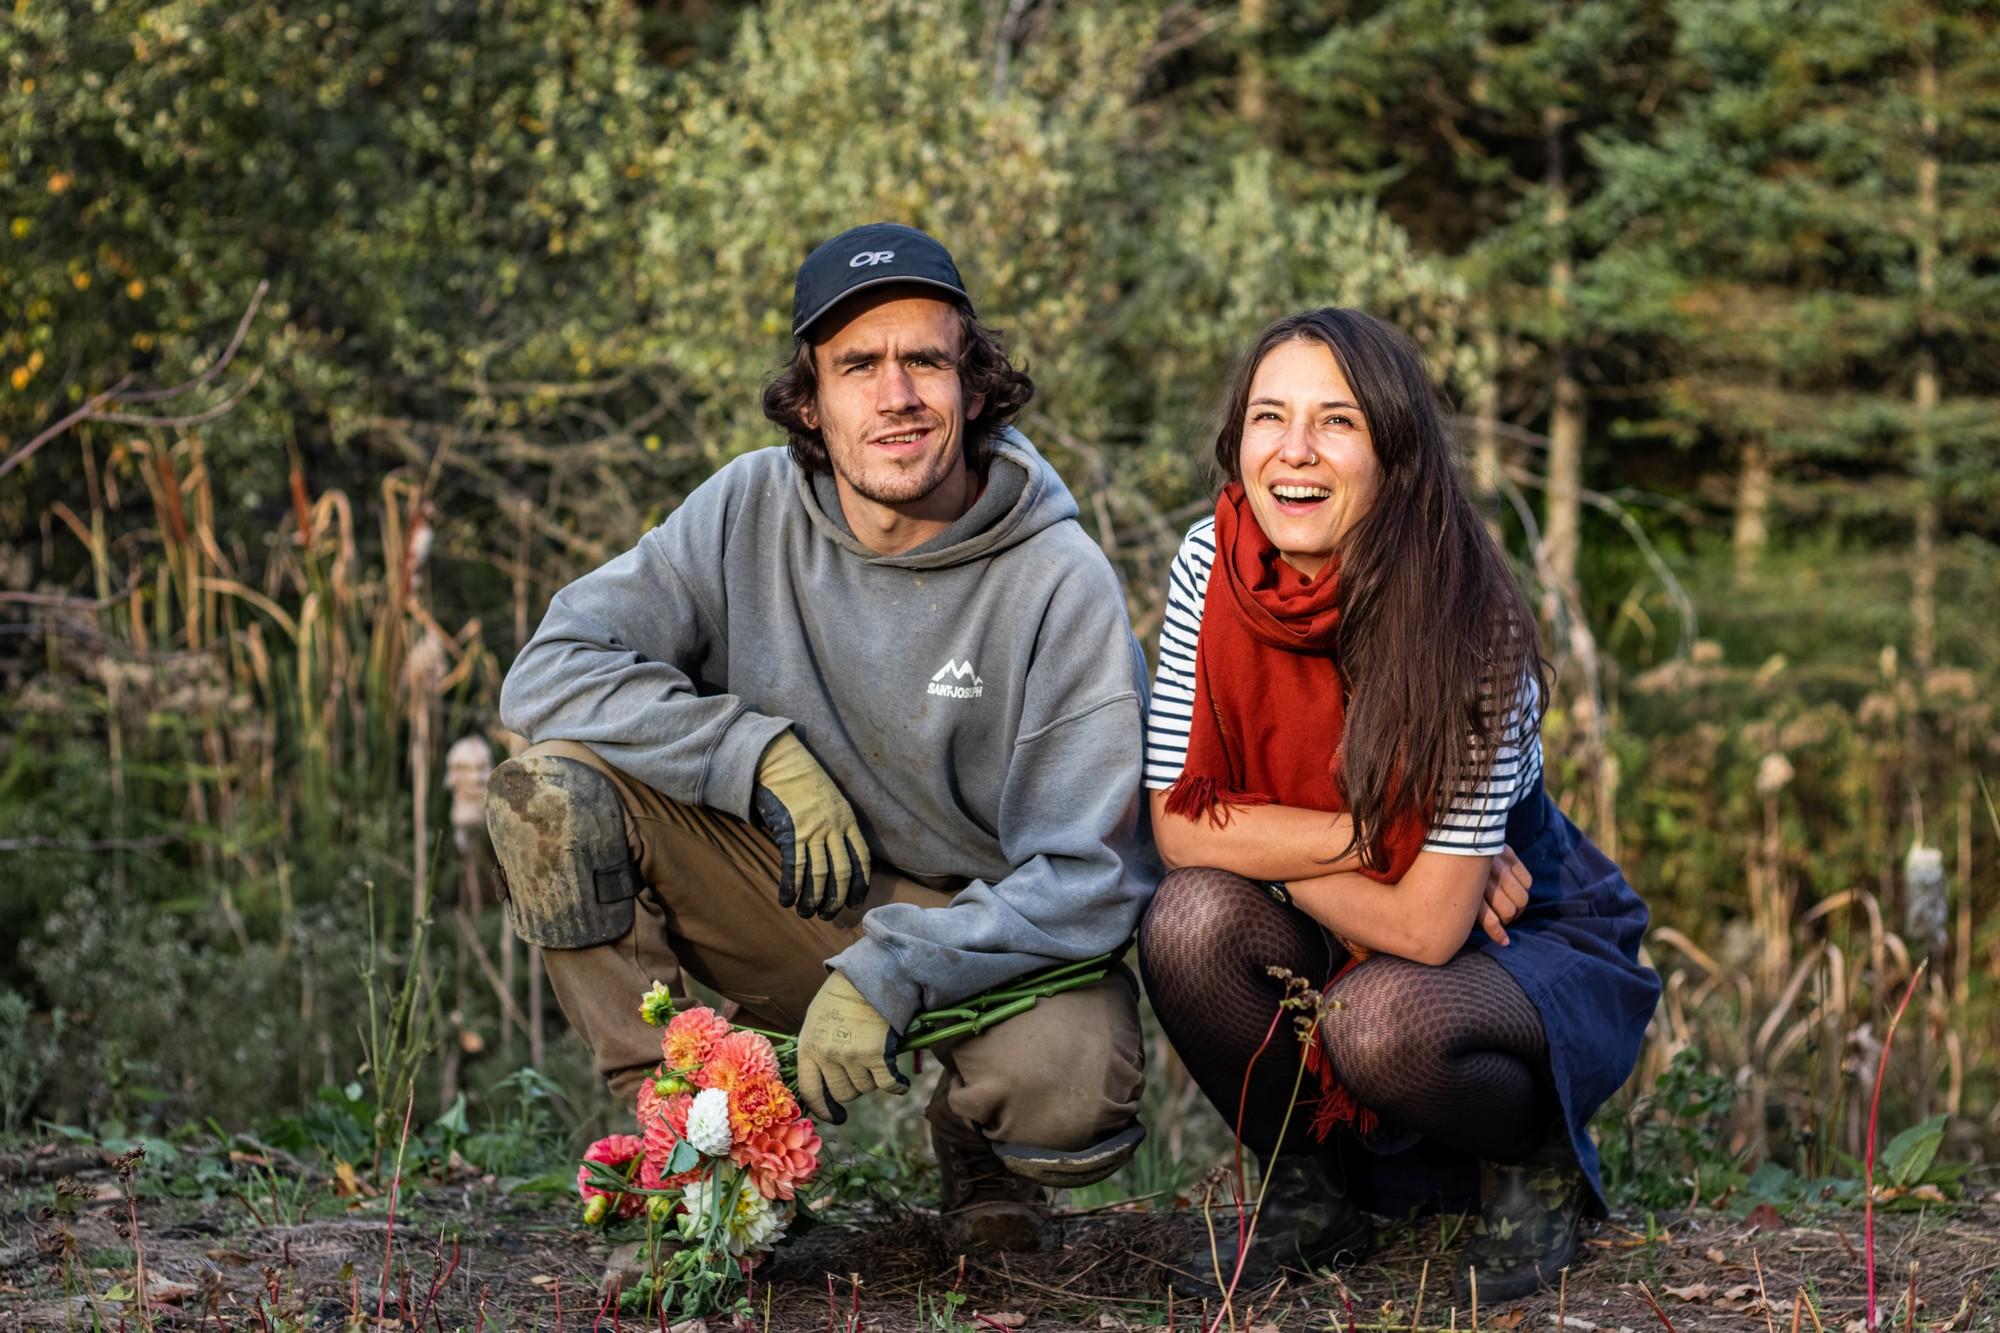 « Thierry fait pousser les fleurs et moi je m'occupe de tout ce qui est mise en marché, communication et ouverture au public » - Alice Berthe. ©Les Productions Novatik